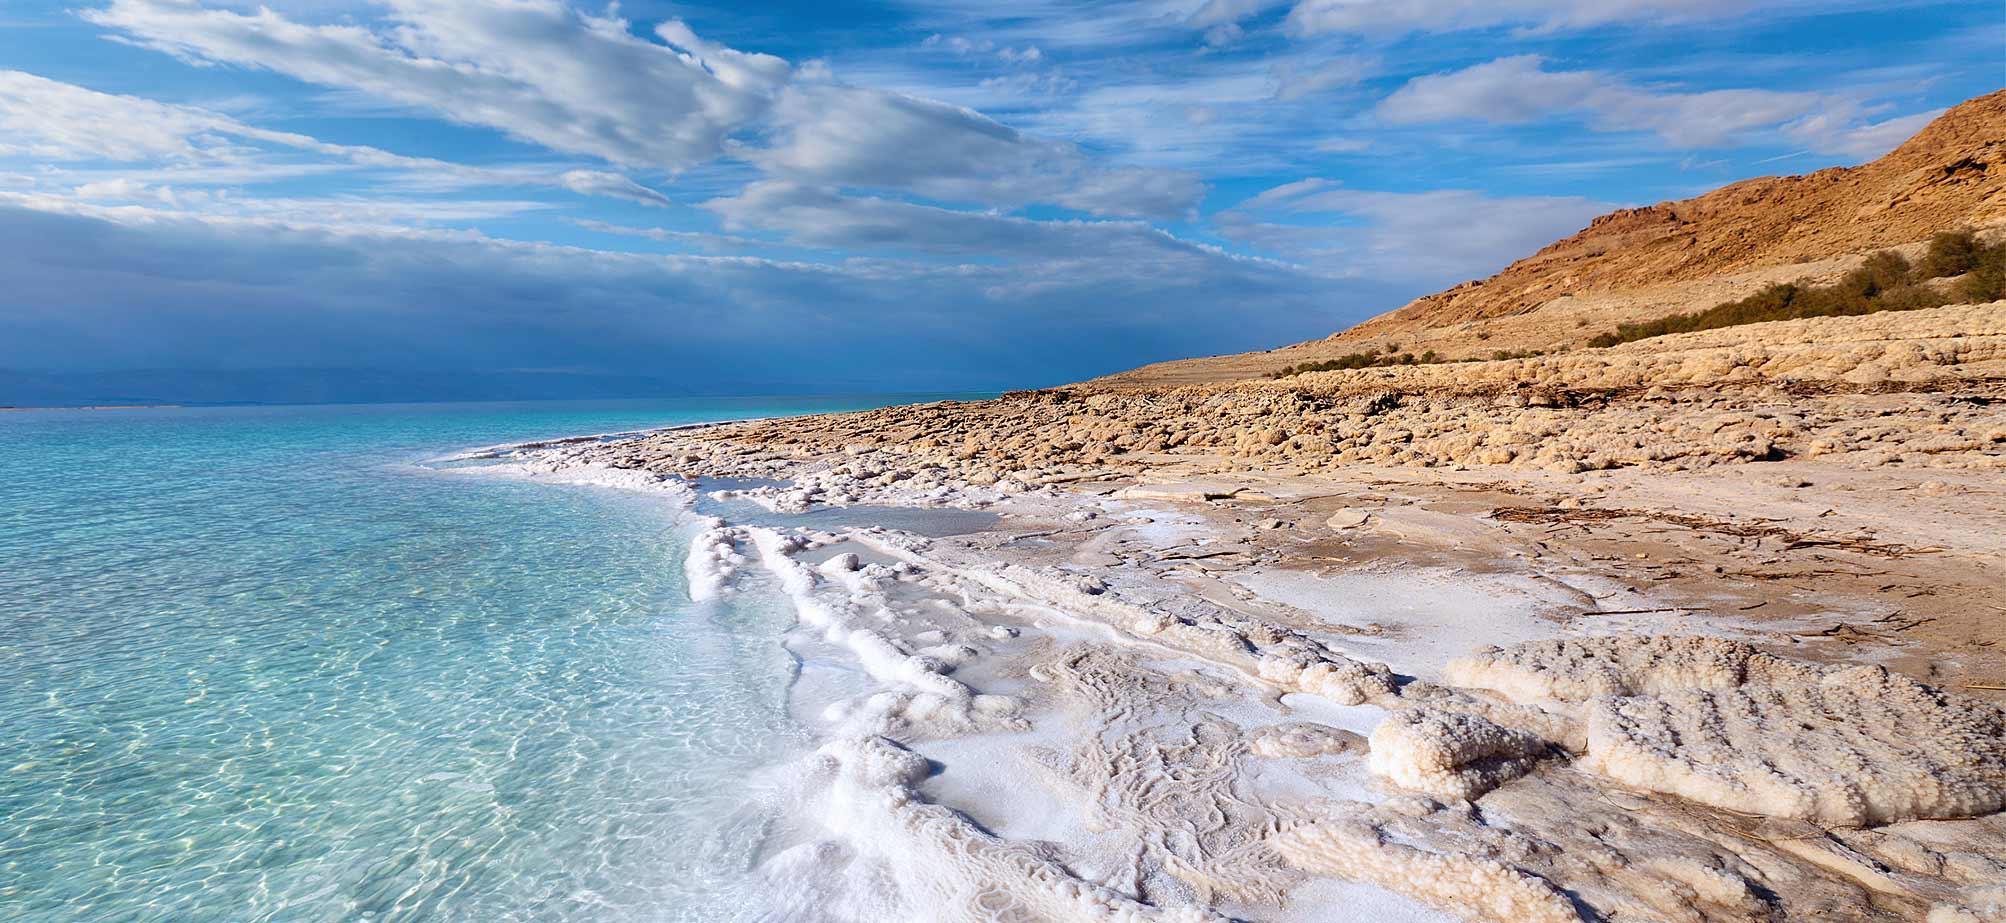 Fun at the Dead Sea Jordan